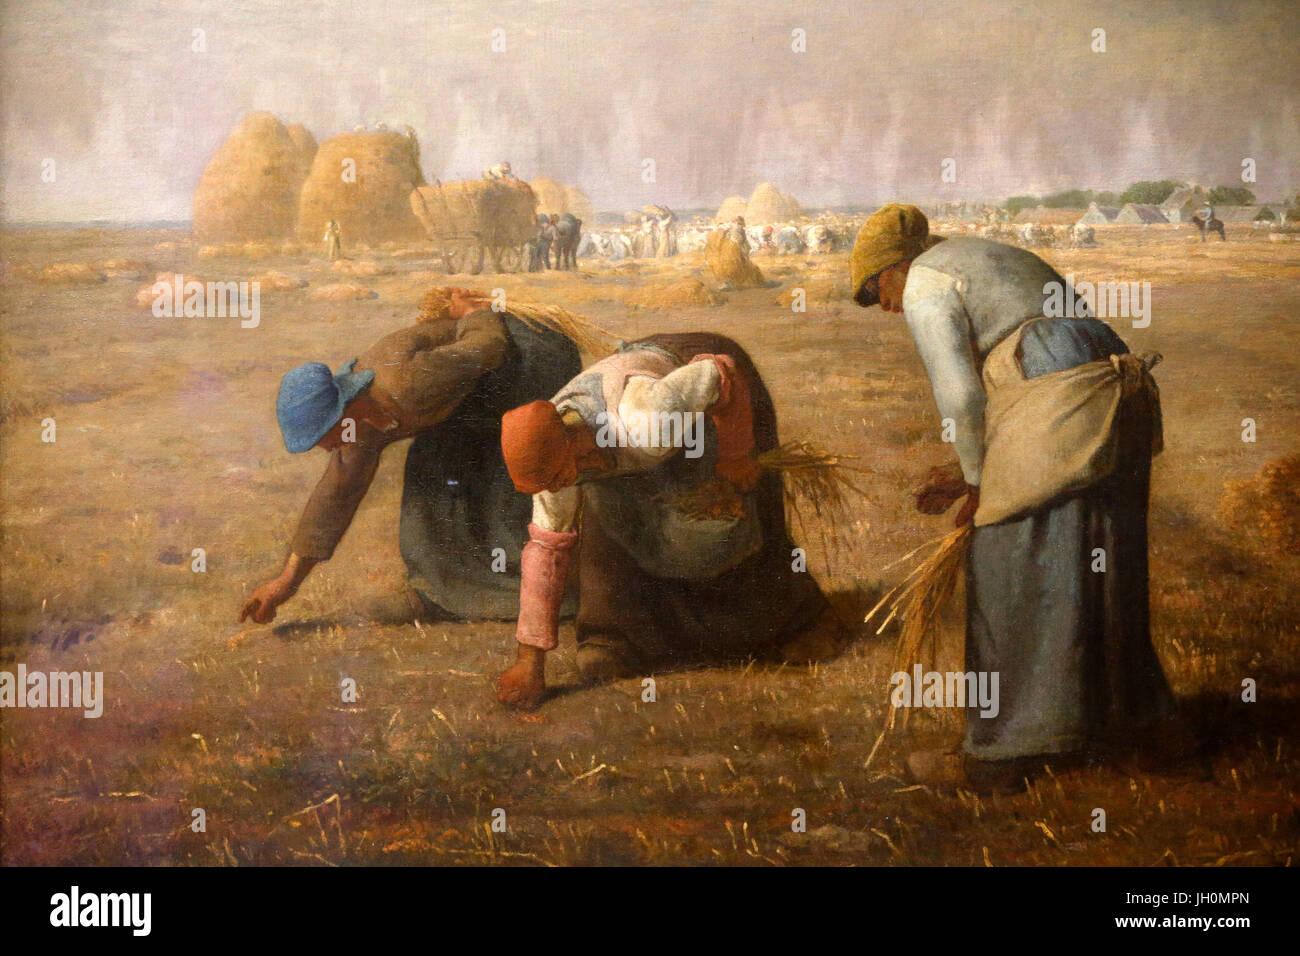 Musée d'Orsay. Millet treatment. Les Glaneurs. Huile sur toile. 1857. La France. Paris. La France. Photo Stock